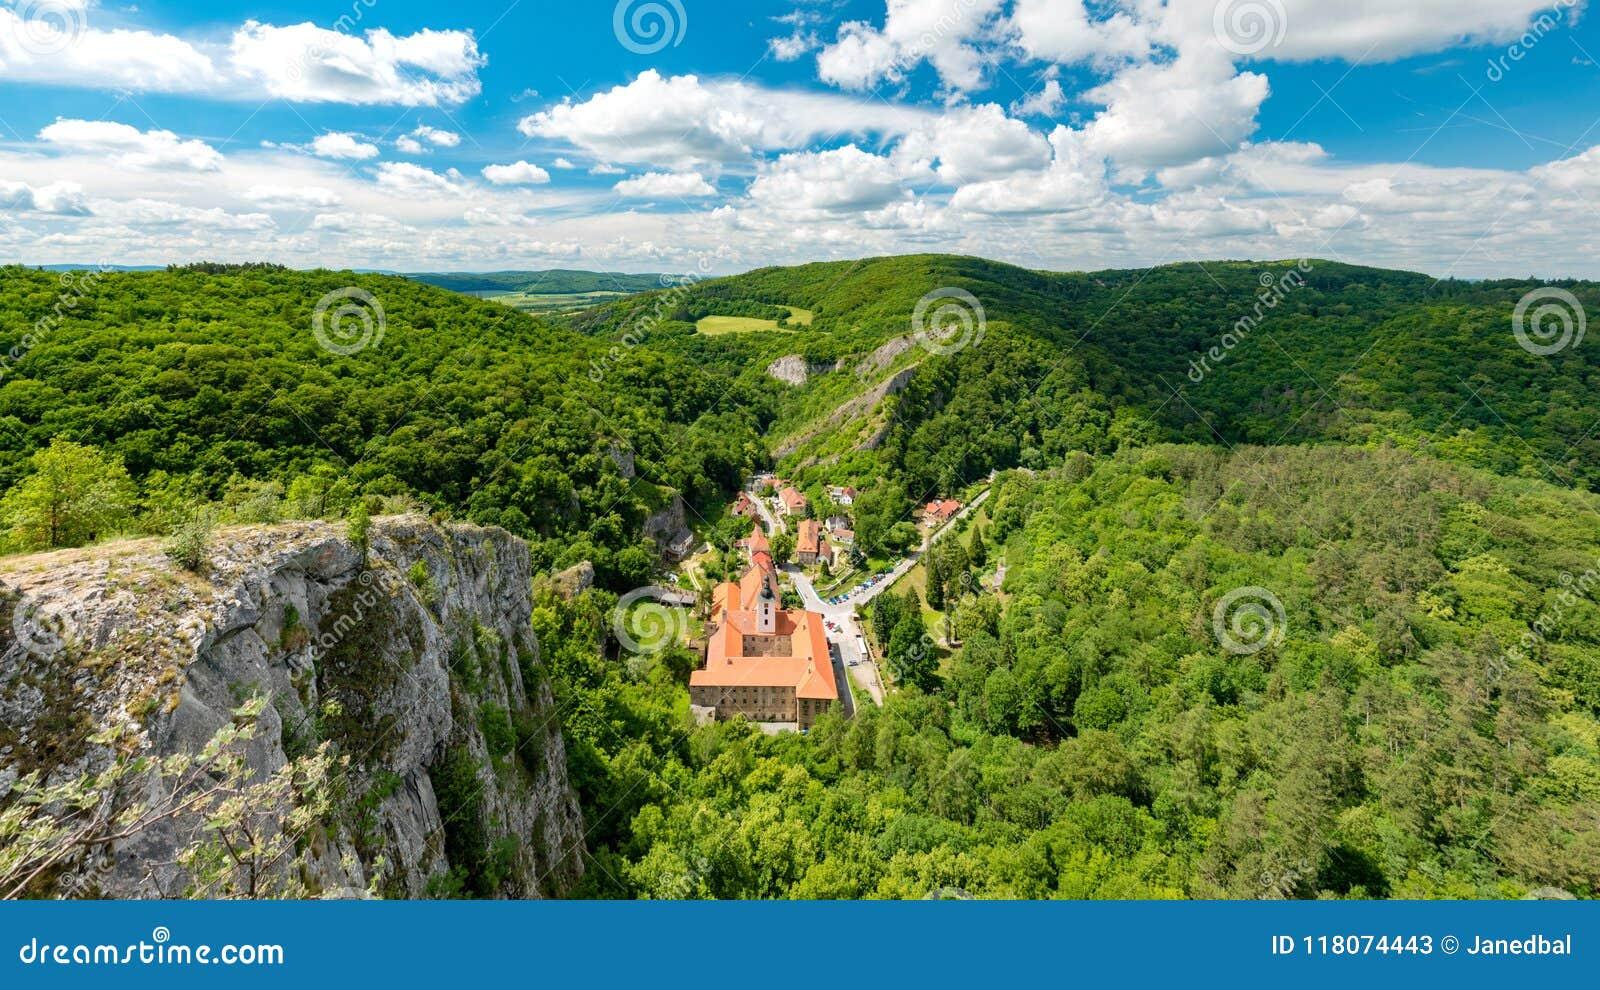 Monastério de Skalou da vagem de Svaty janeiro, distrito de Beroun, região boêmia central, República Checa